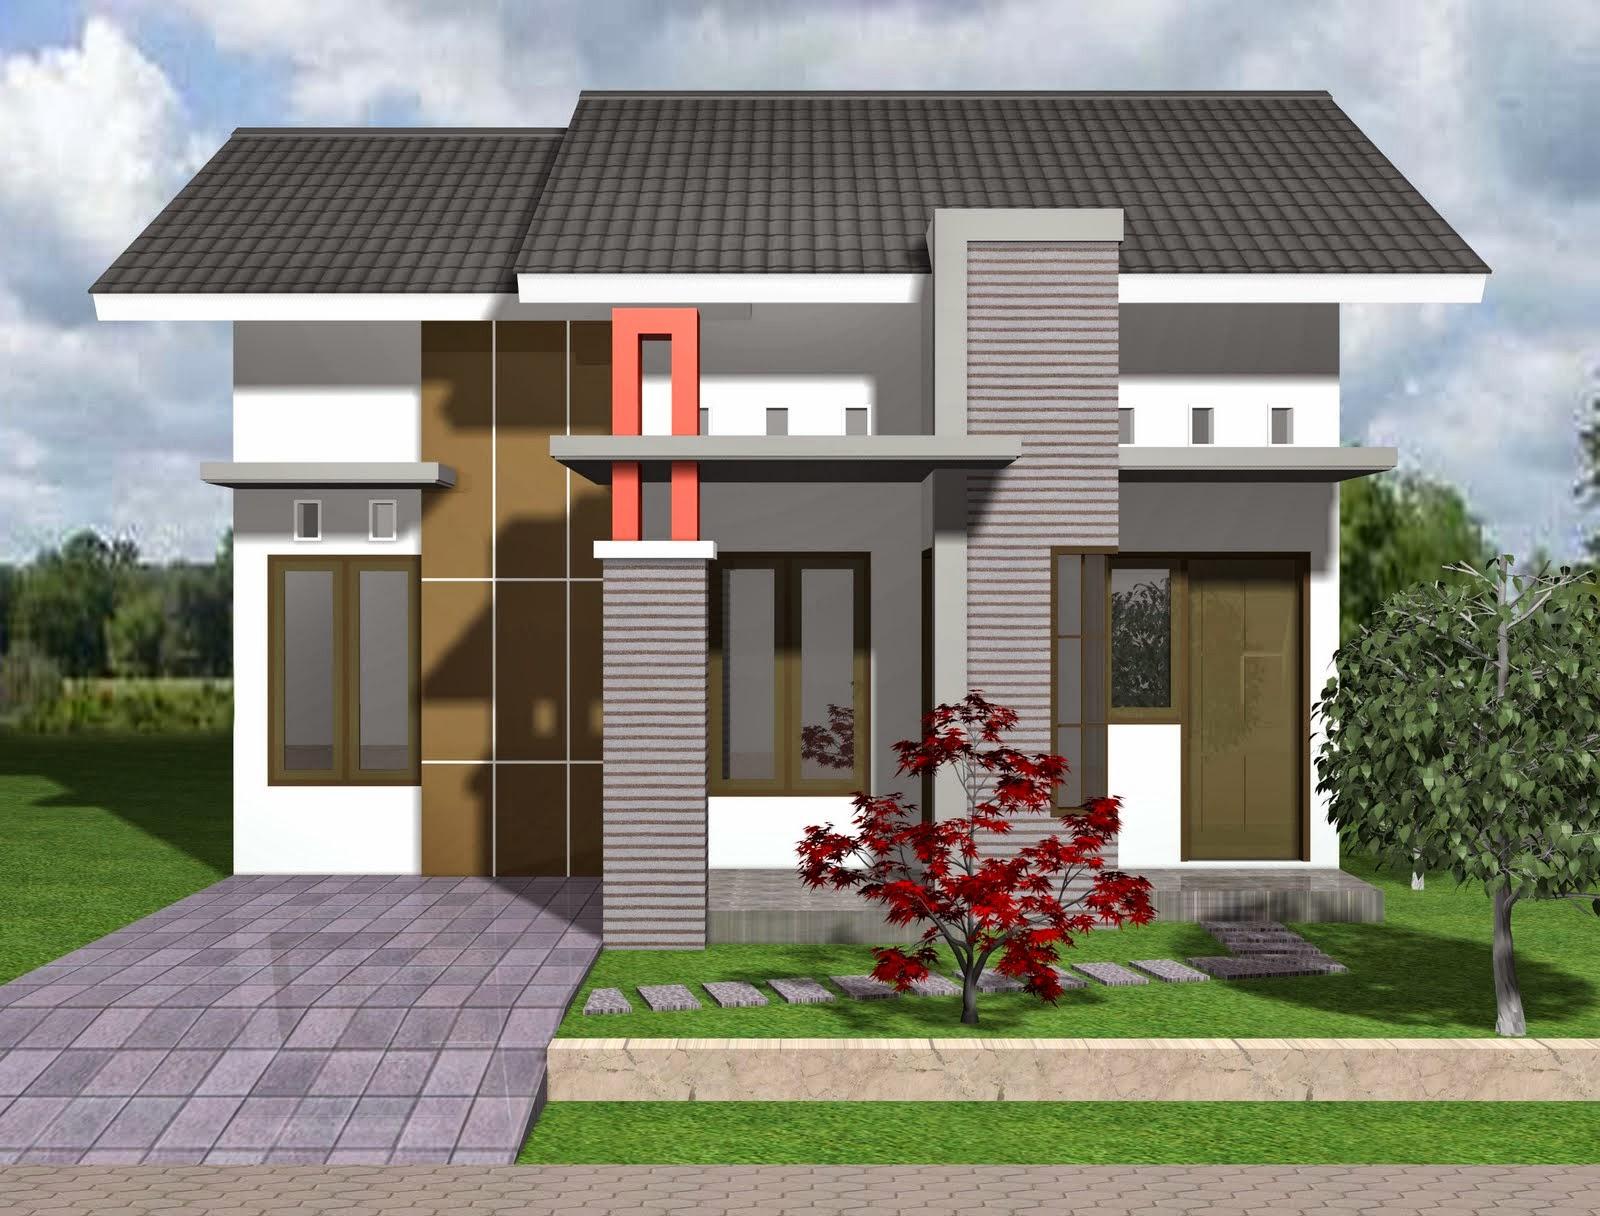 Desain Rumah Minimalis Kecil Mungil